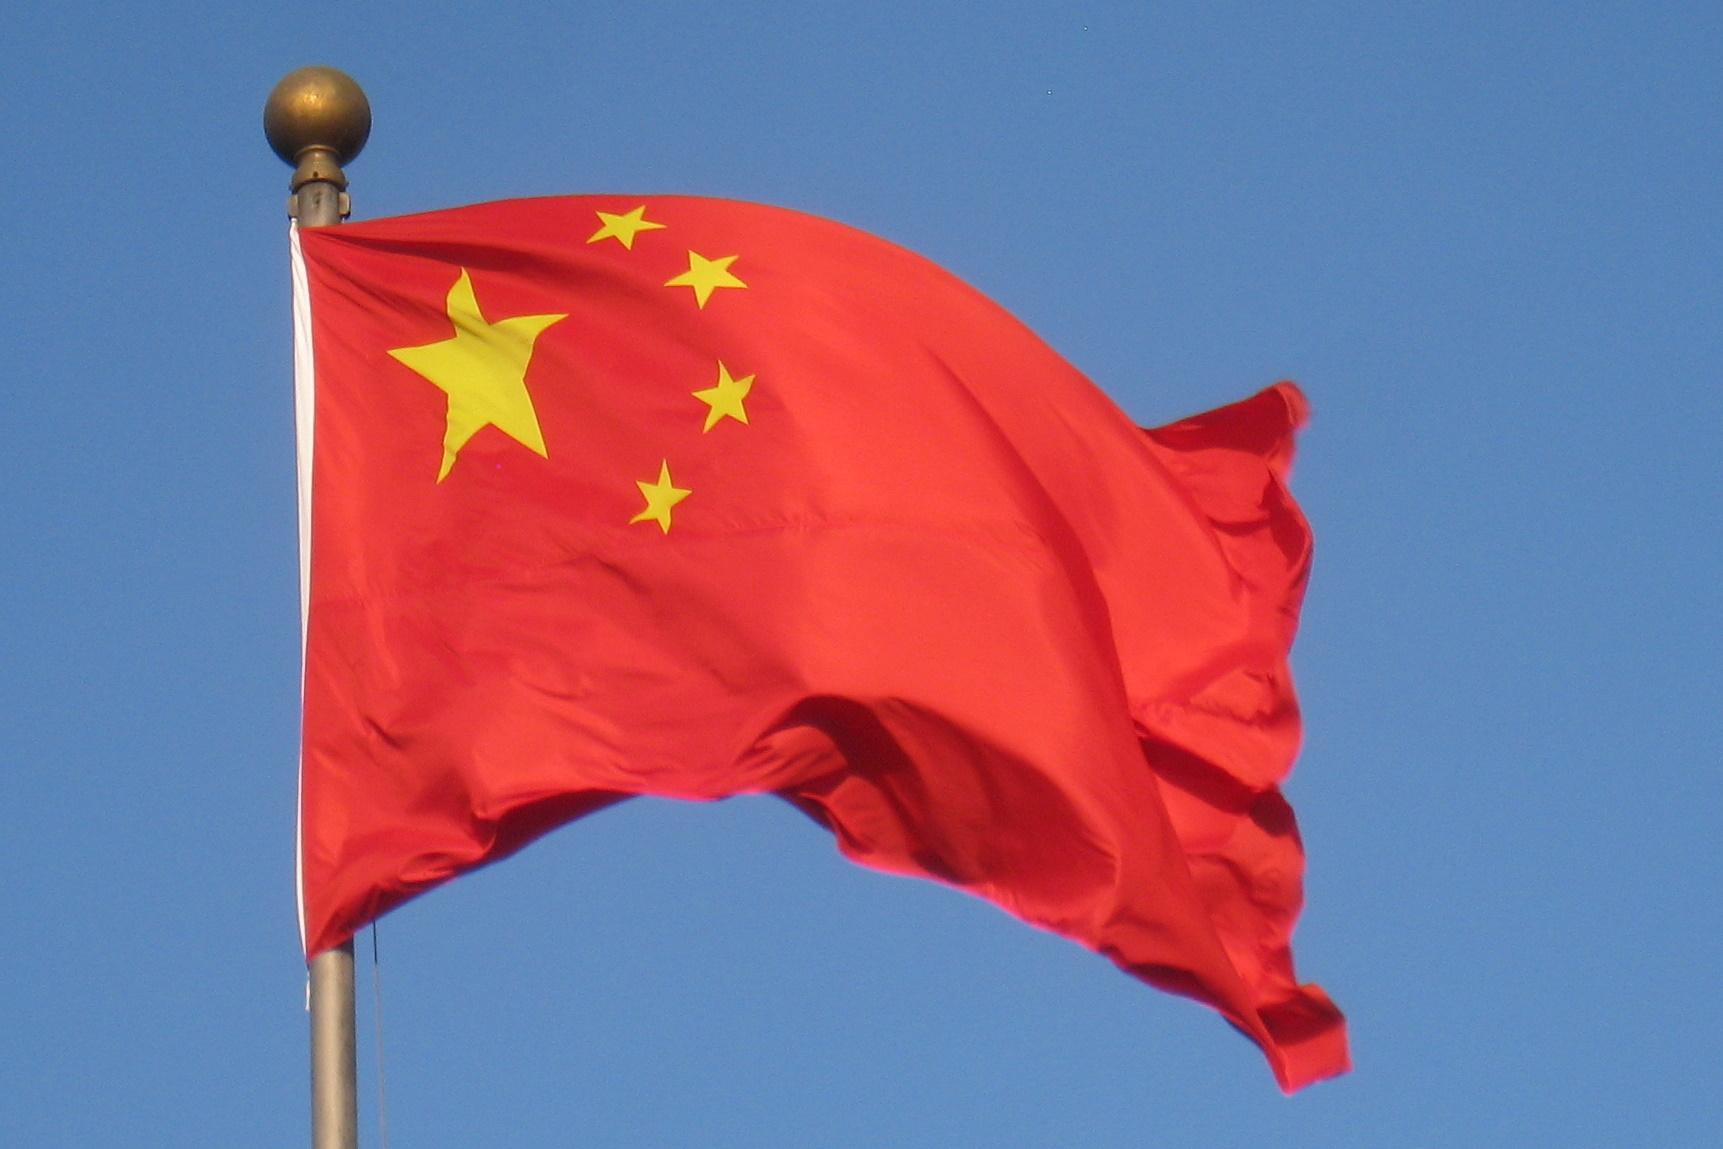 تراجع التجارة بين الصين والدول العربية - جريدة الراية